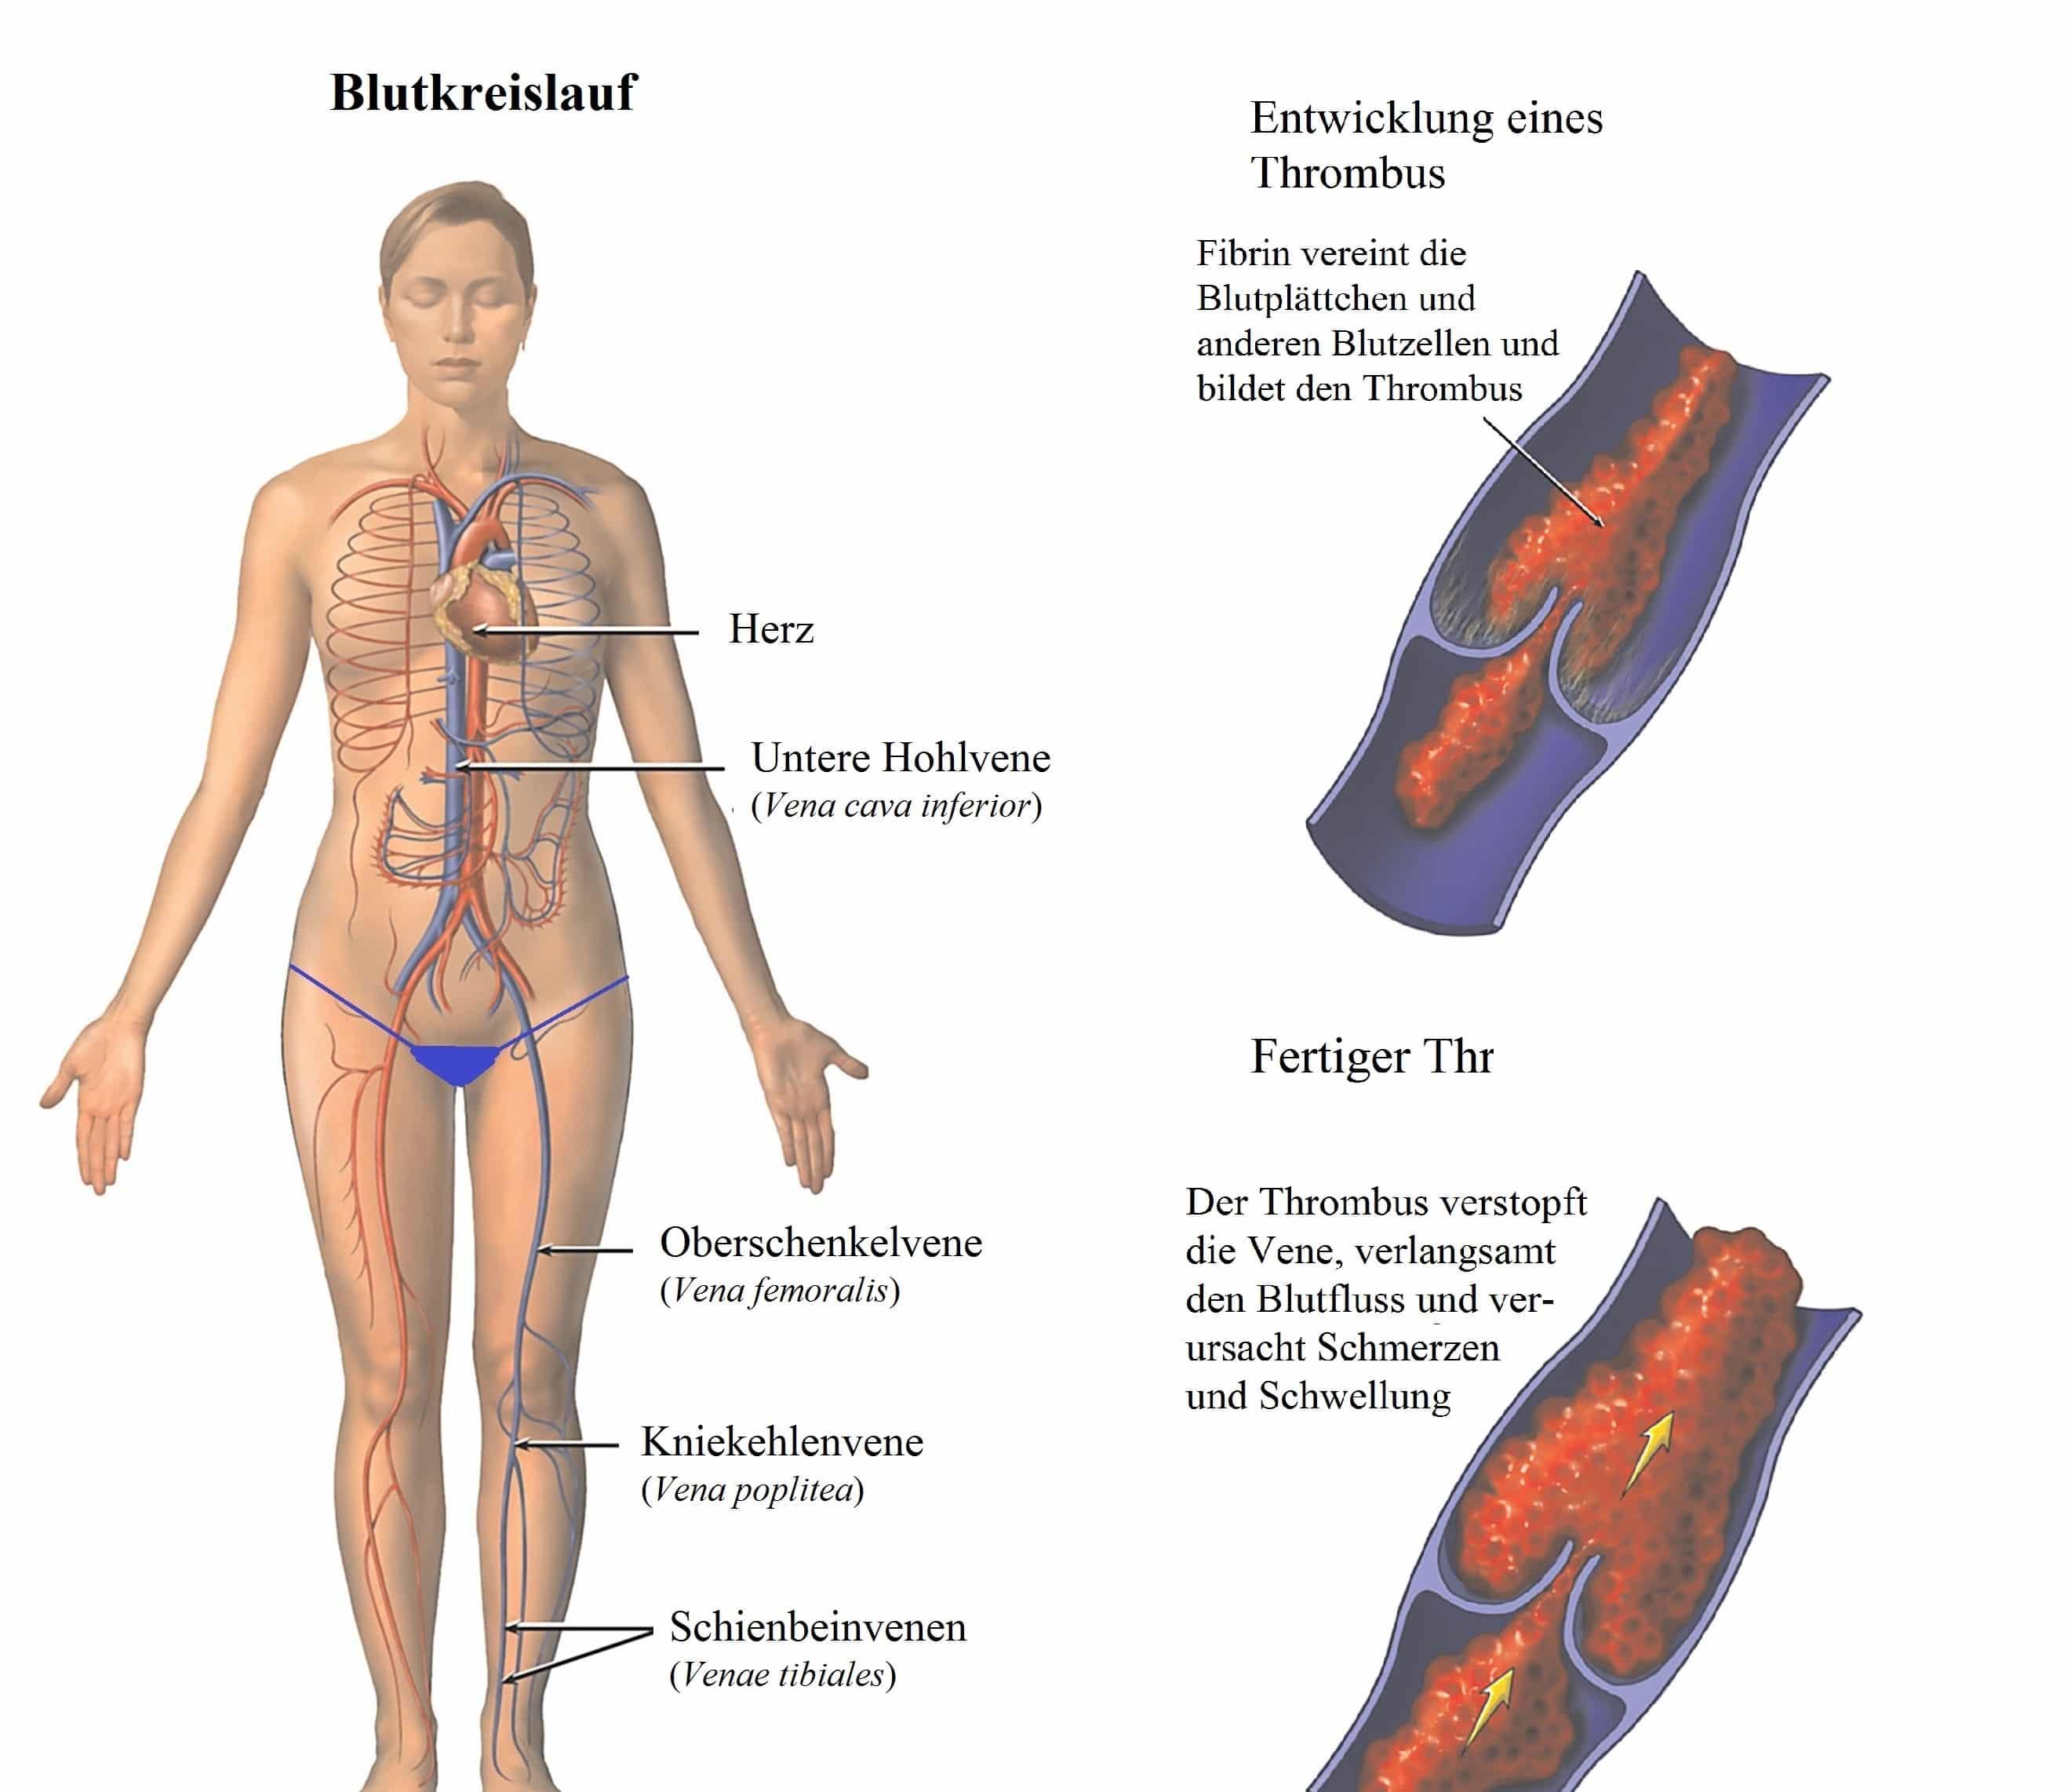 Blutkreislauf, Herz, Vene, Thrombus - Symptome und Behandlung